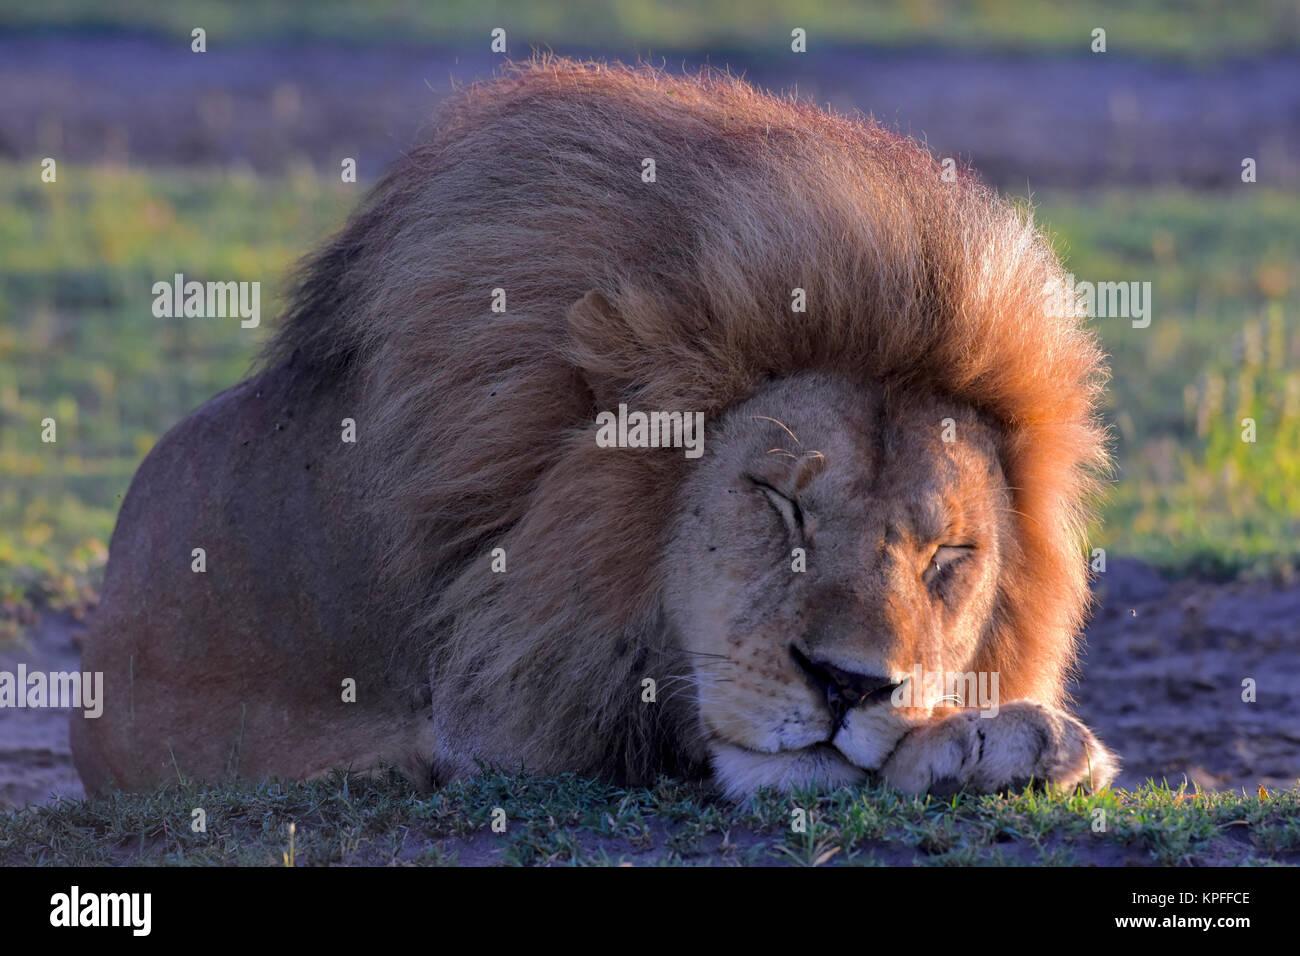 Visite de la faune dans l'une des destinations de la faune premier sur earht -- Le Serengeti, Tanzanie. Dormir Photo Stock